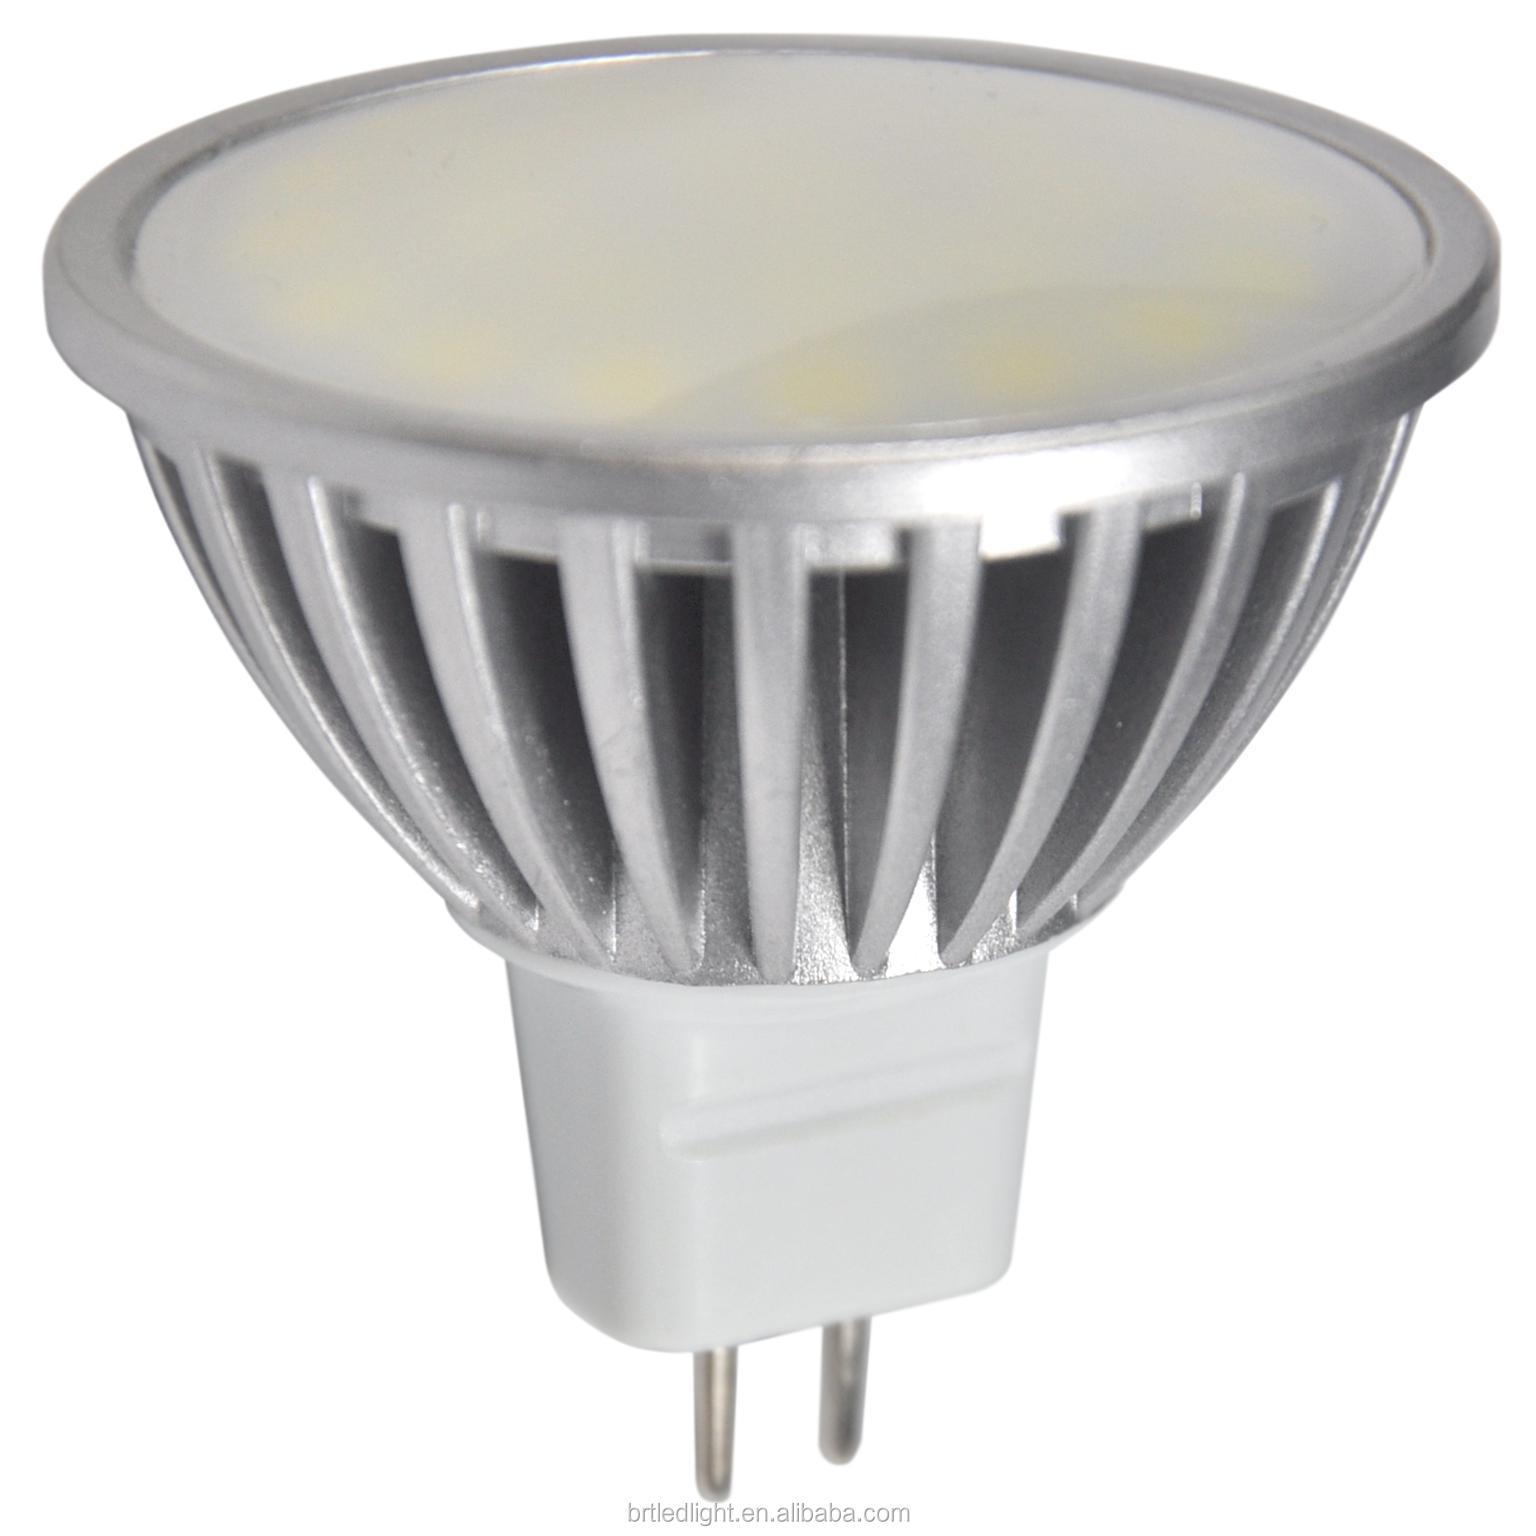 LED-Spot-light-MR16-Dimmable-SMD-GU10 Verwunderlich Gu 5.3 Led 230v Dekorationen